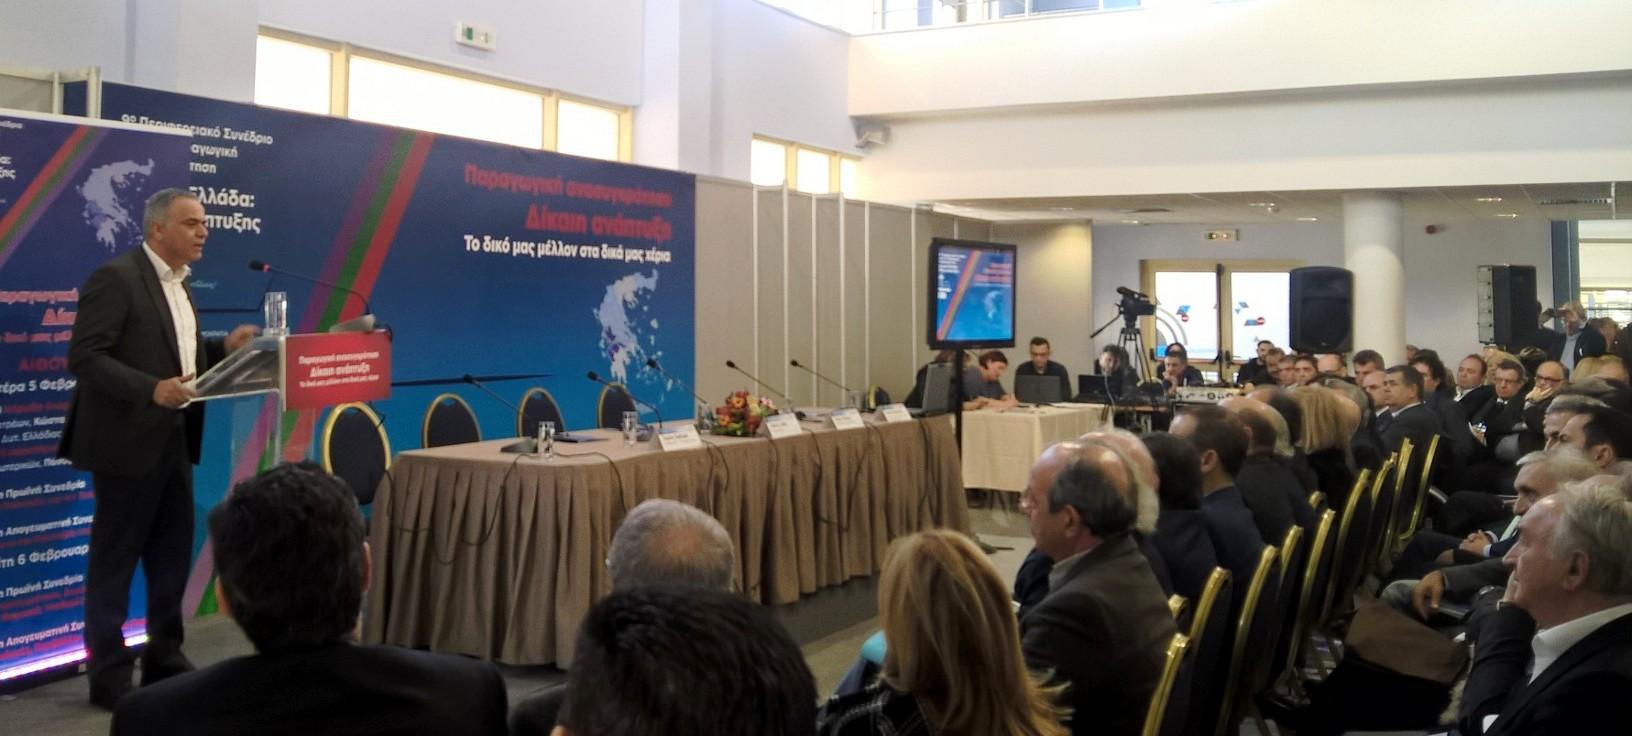 Αποτέλεσμα εικόνας για 9ο Περιφερειακό Συνέδριο για την Παραγωγική Ανασυγκρότηση «Δυτική Ελλάδα: Πύλη Ανάπτυξης»